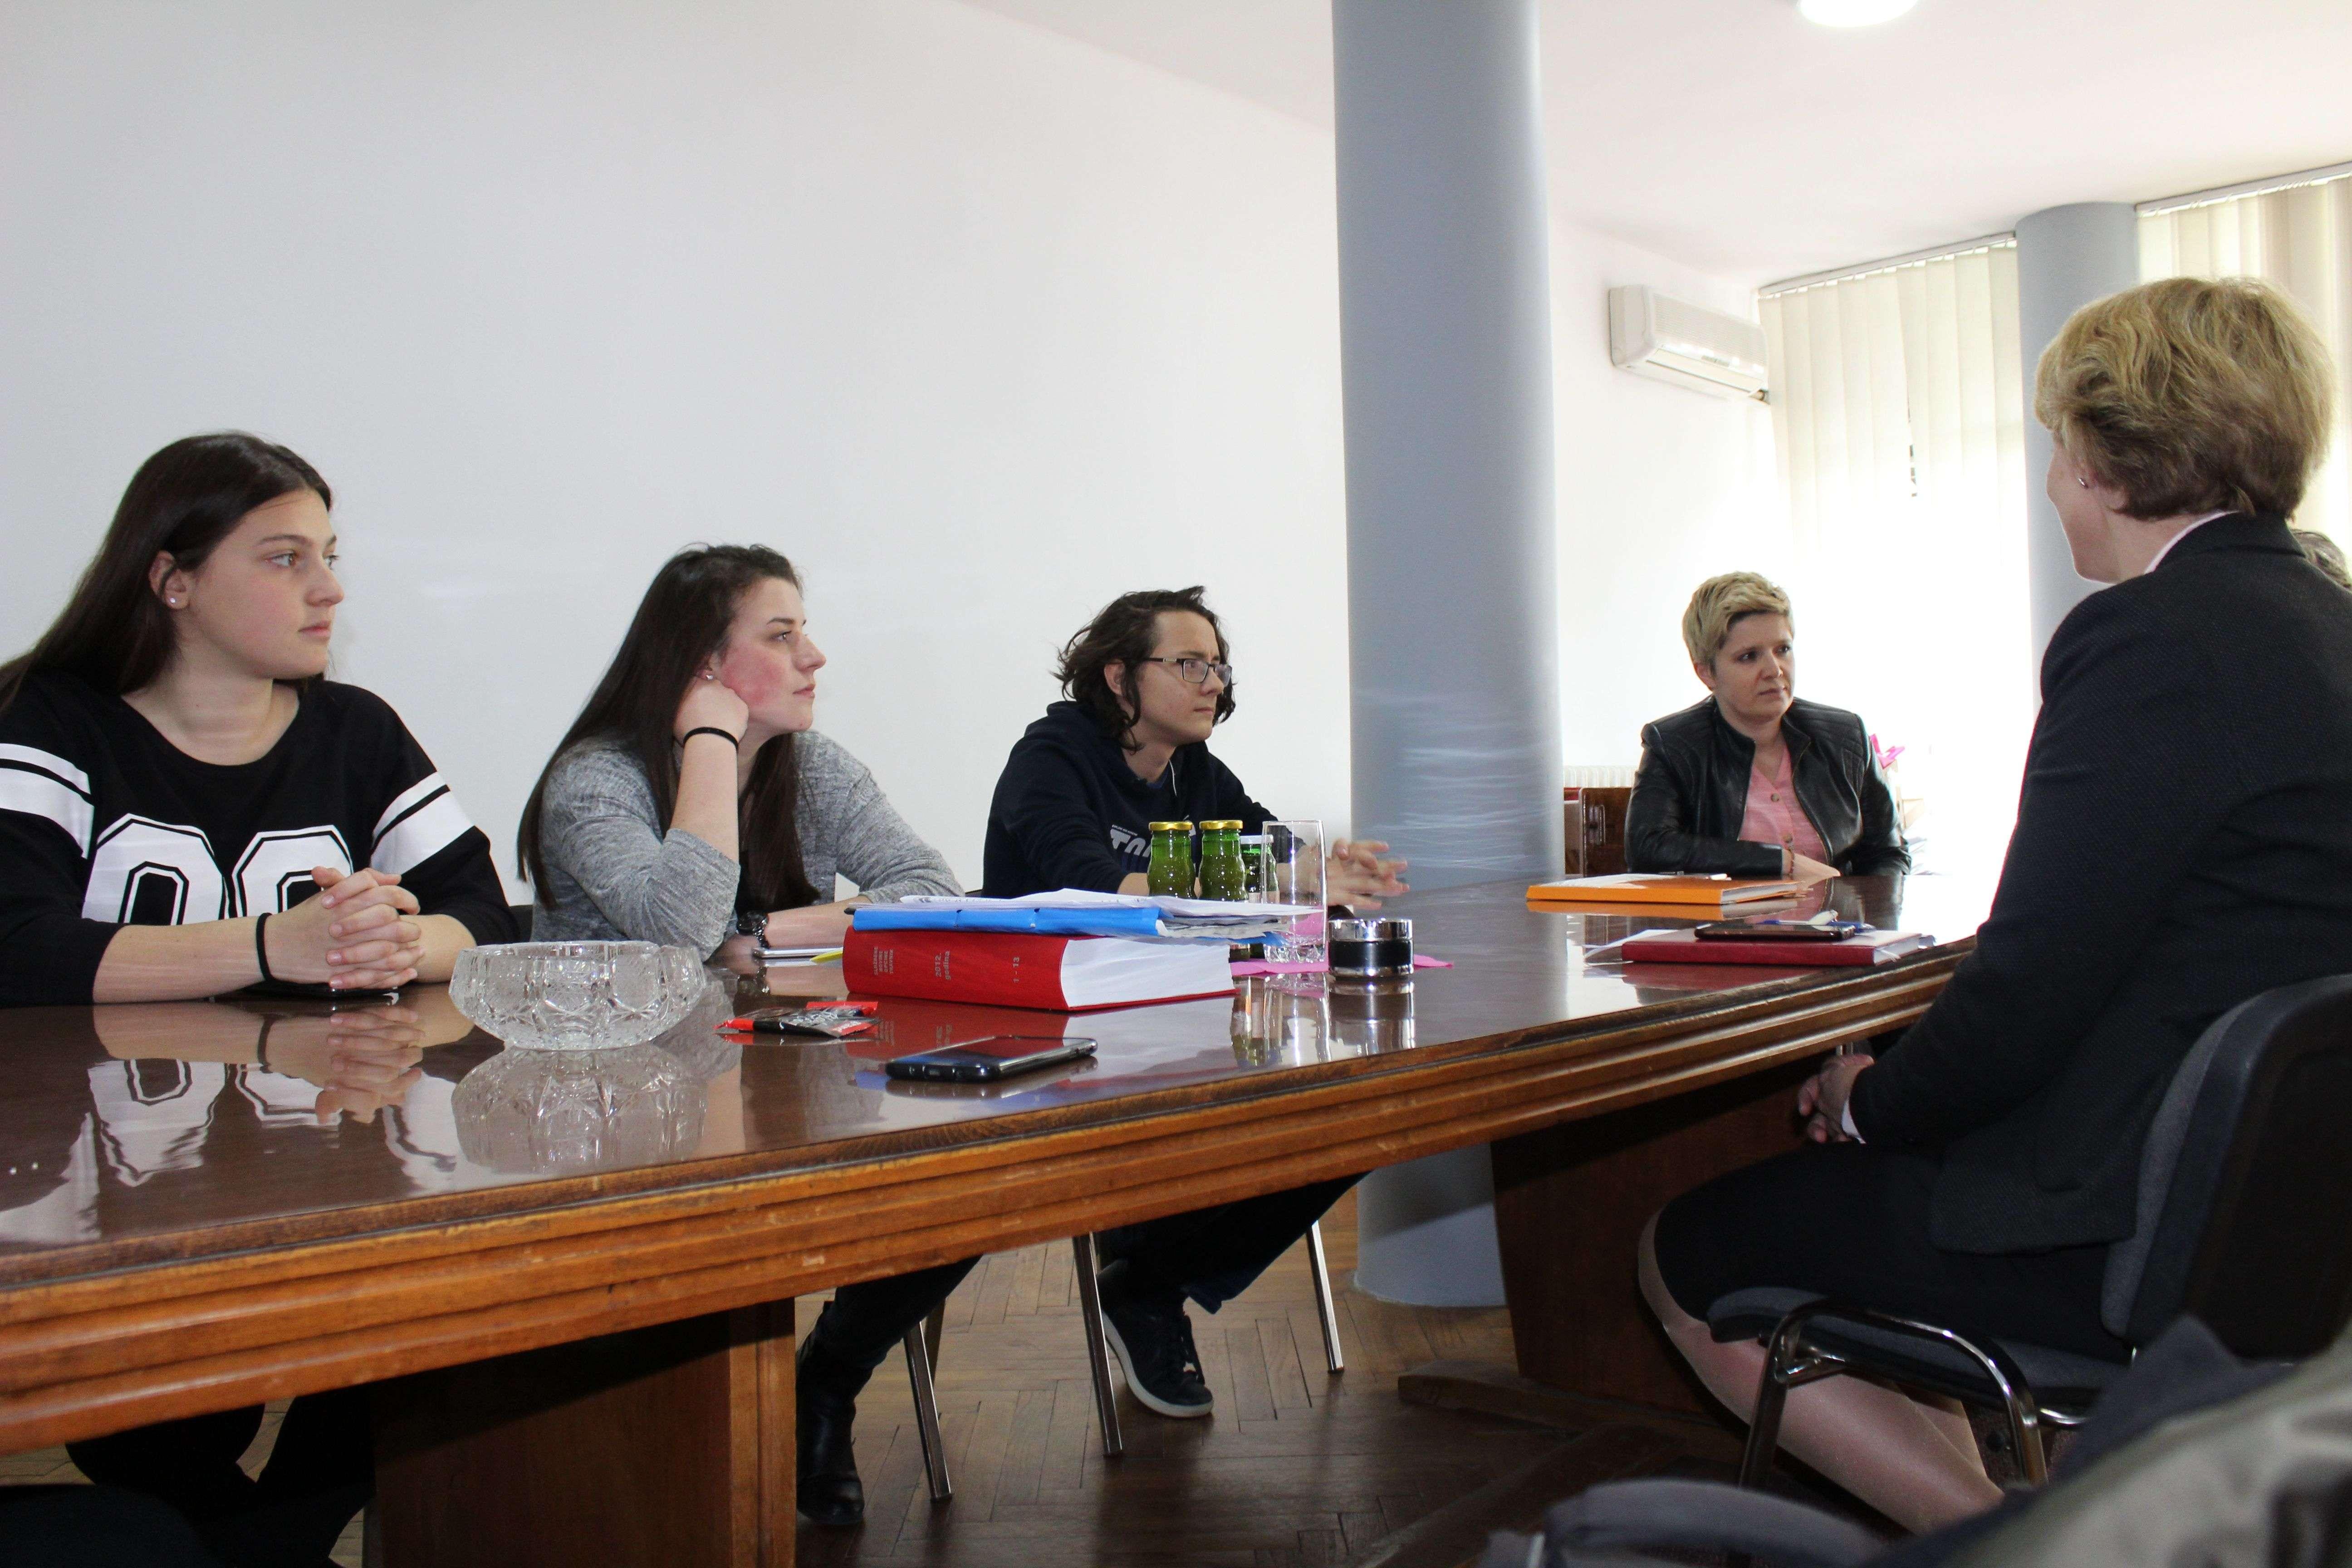 centar za edukaciju mladih započeo program građanskog aktivizma za mlade